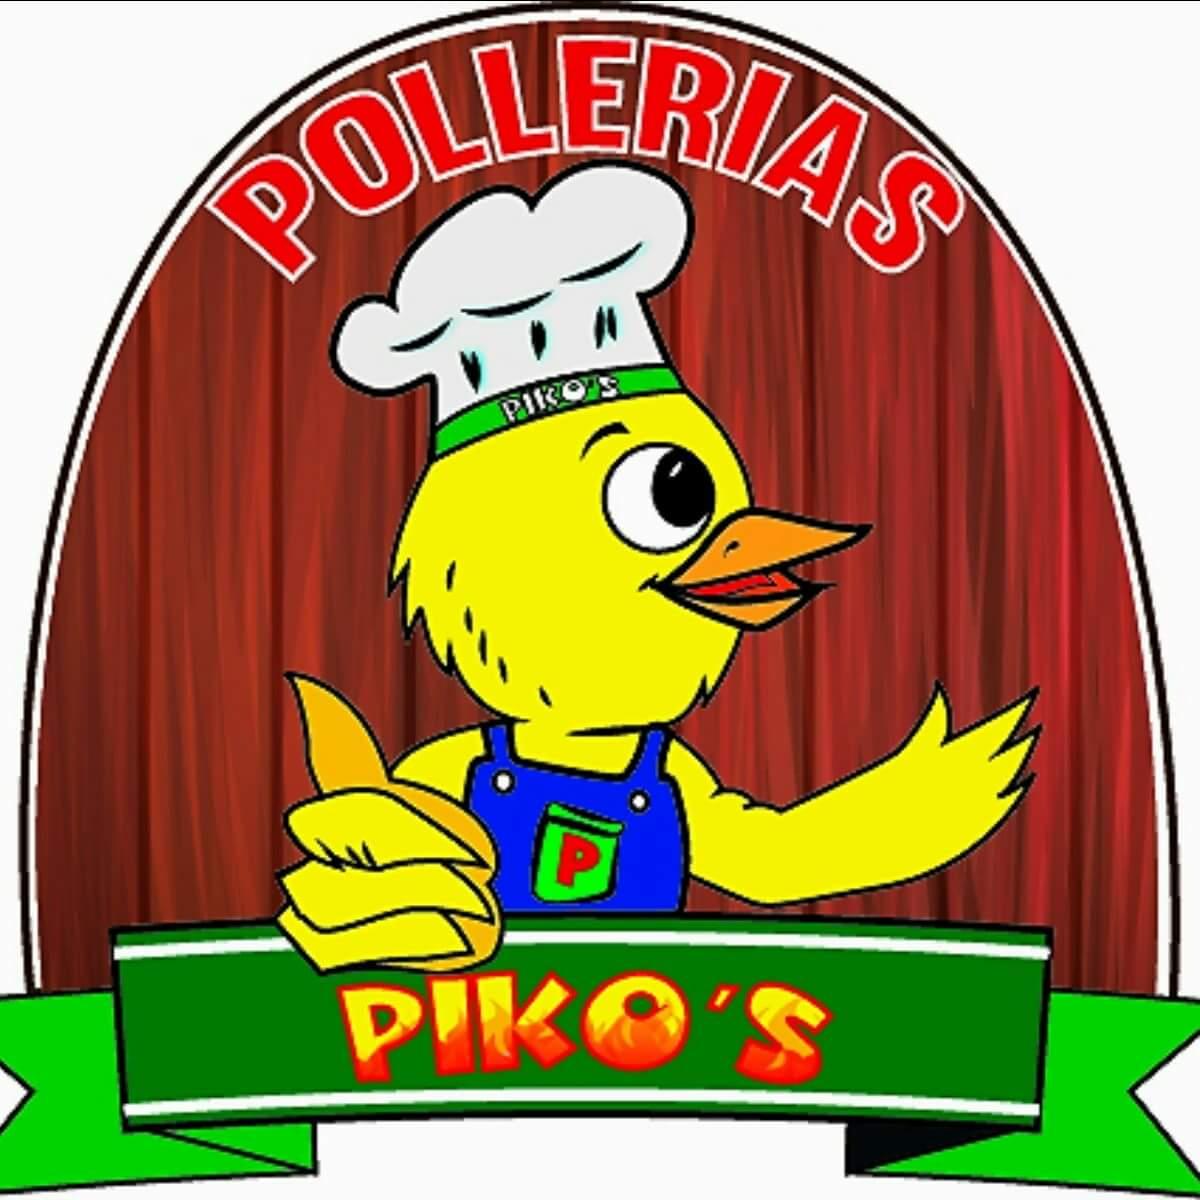 Polleria Piko's